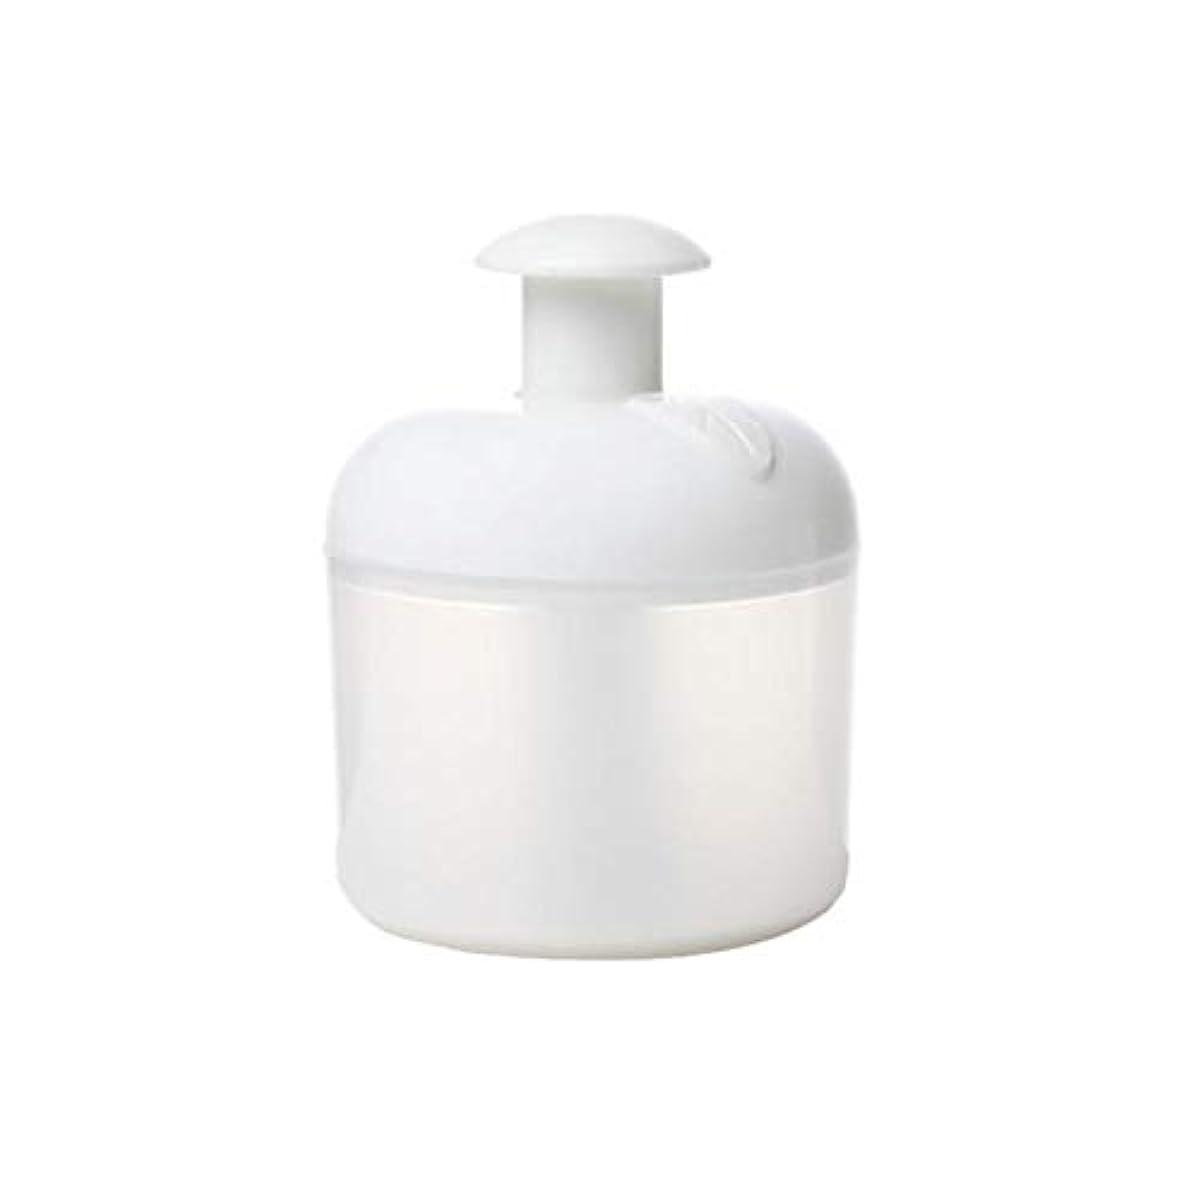 月曜遠洋の排気マイクロバブルフォーマー - Dewin 洗顔泡立て器 洗顔ネット マイクロホイッパー クリーンツール 7倍の濃厚なバブル 美容グッズ